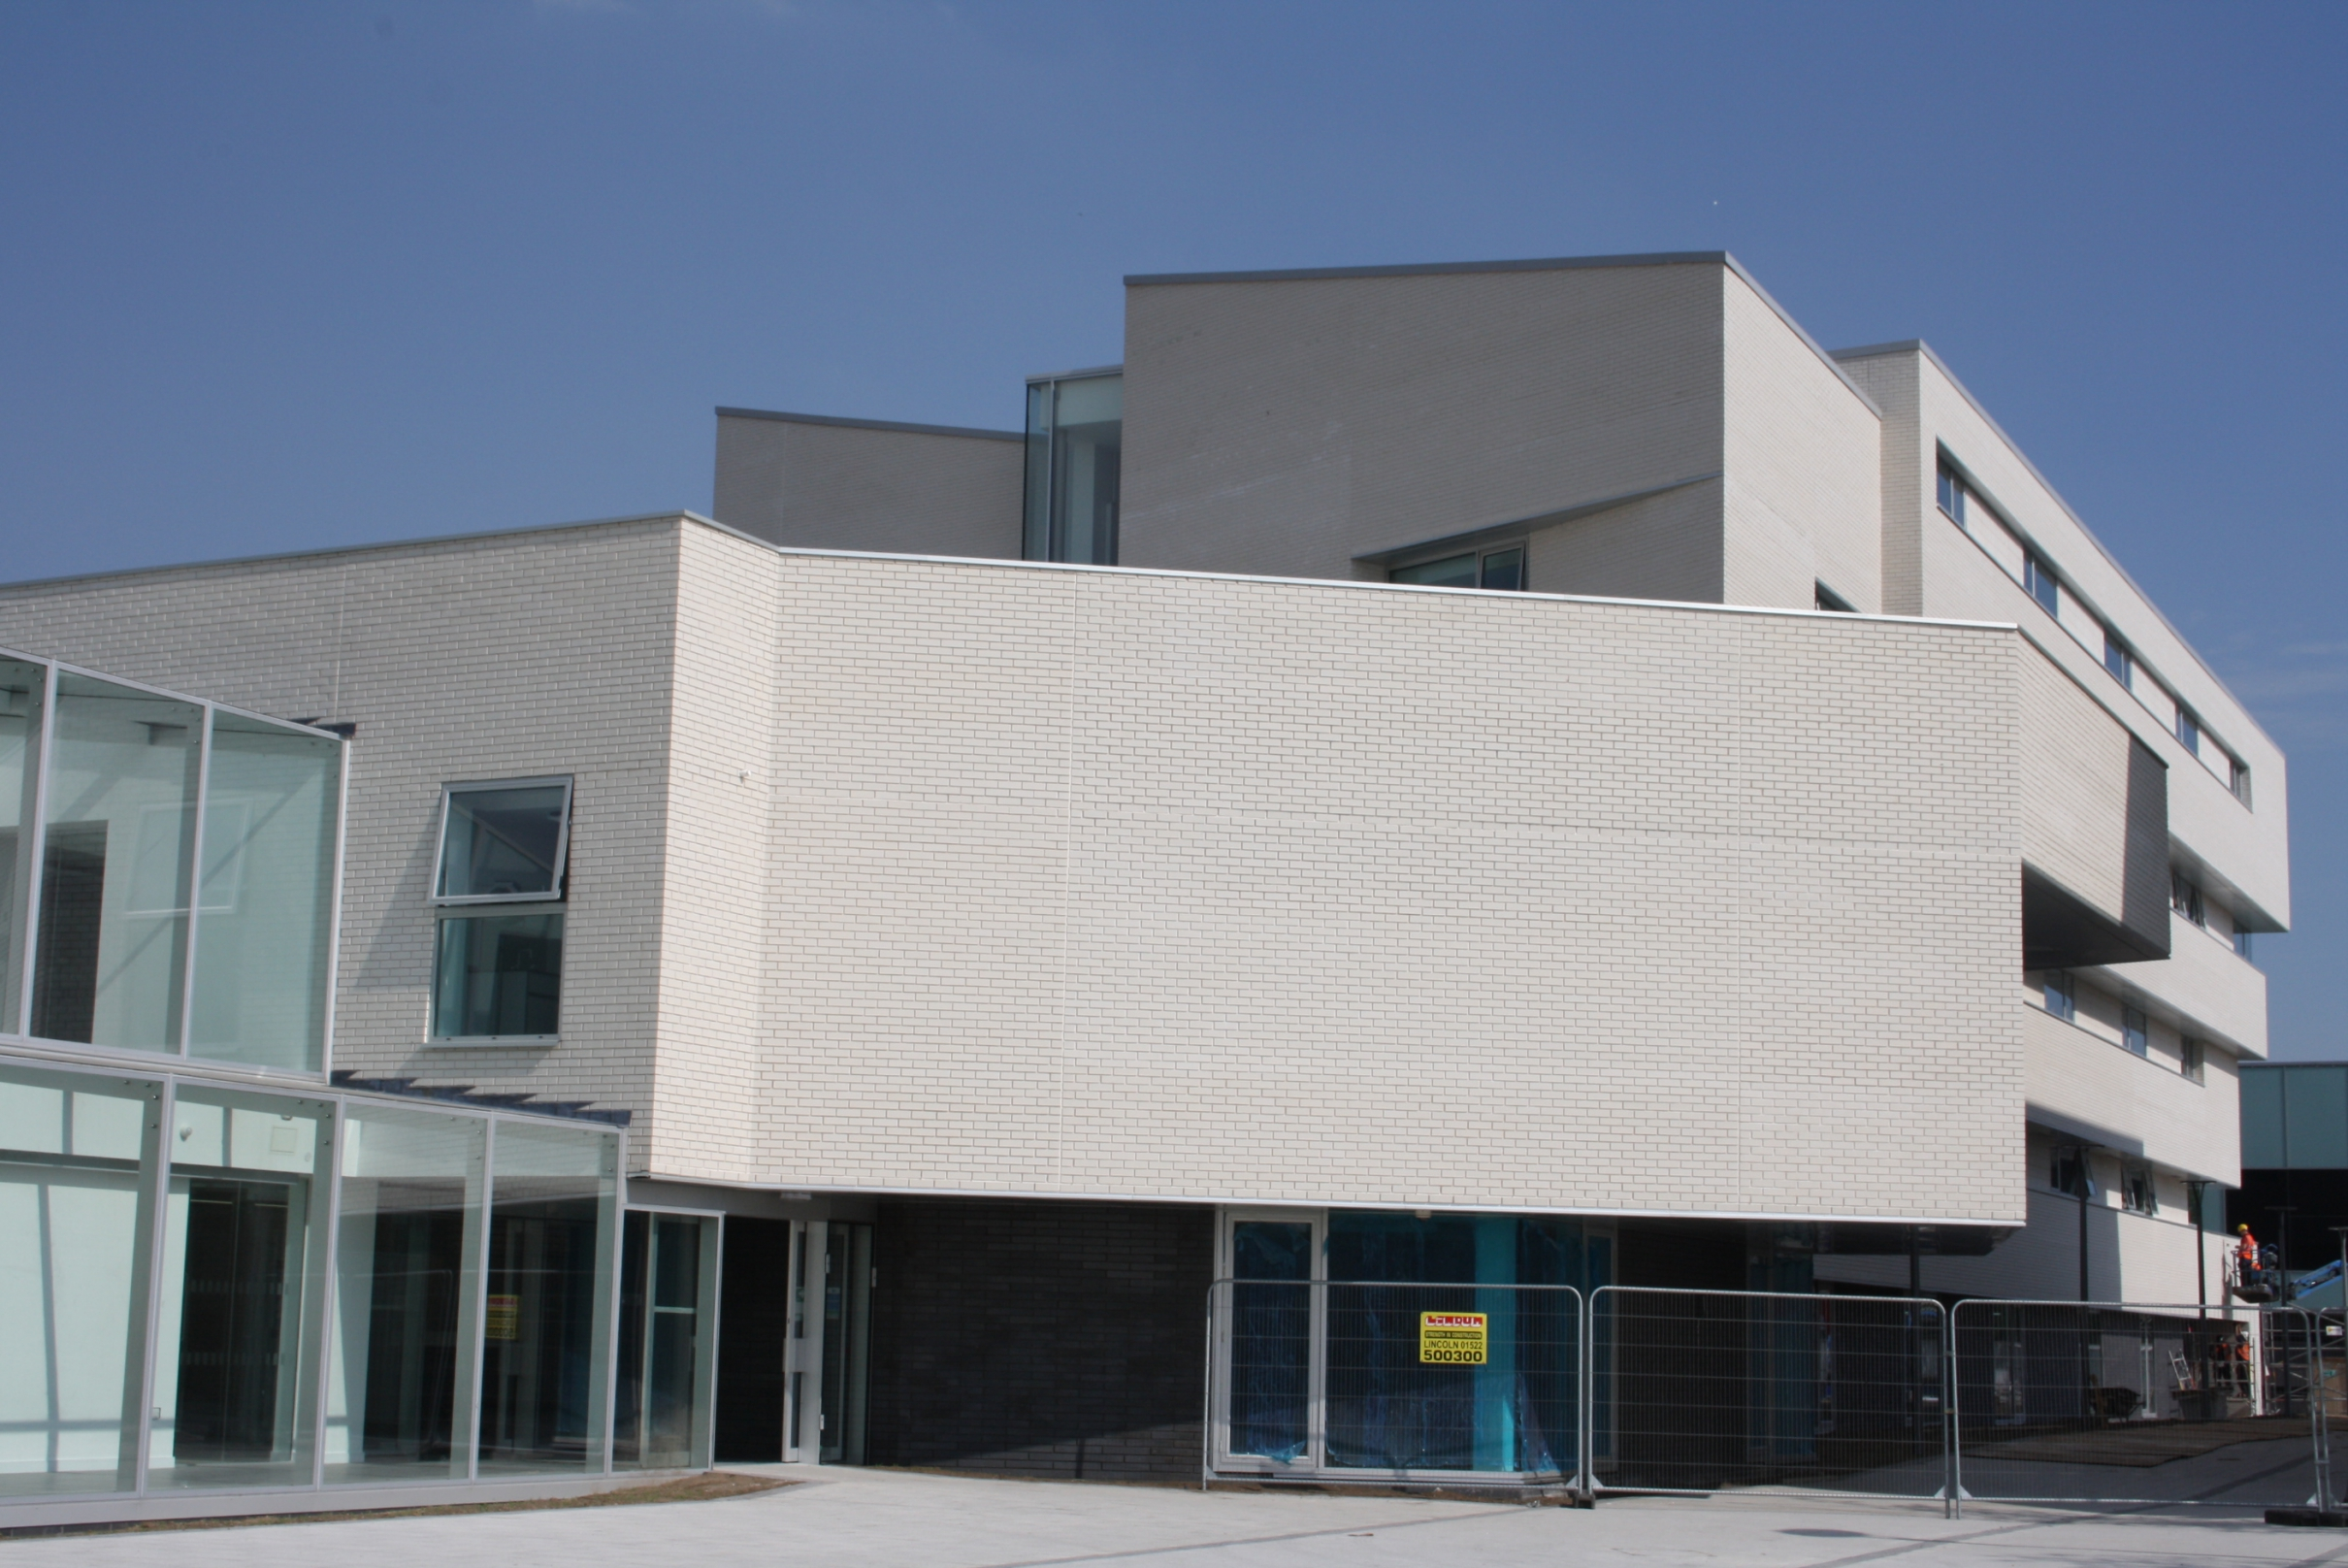 Art Architecture And Design Lincoln